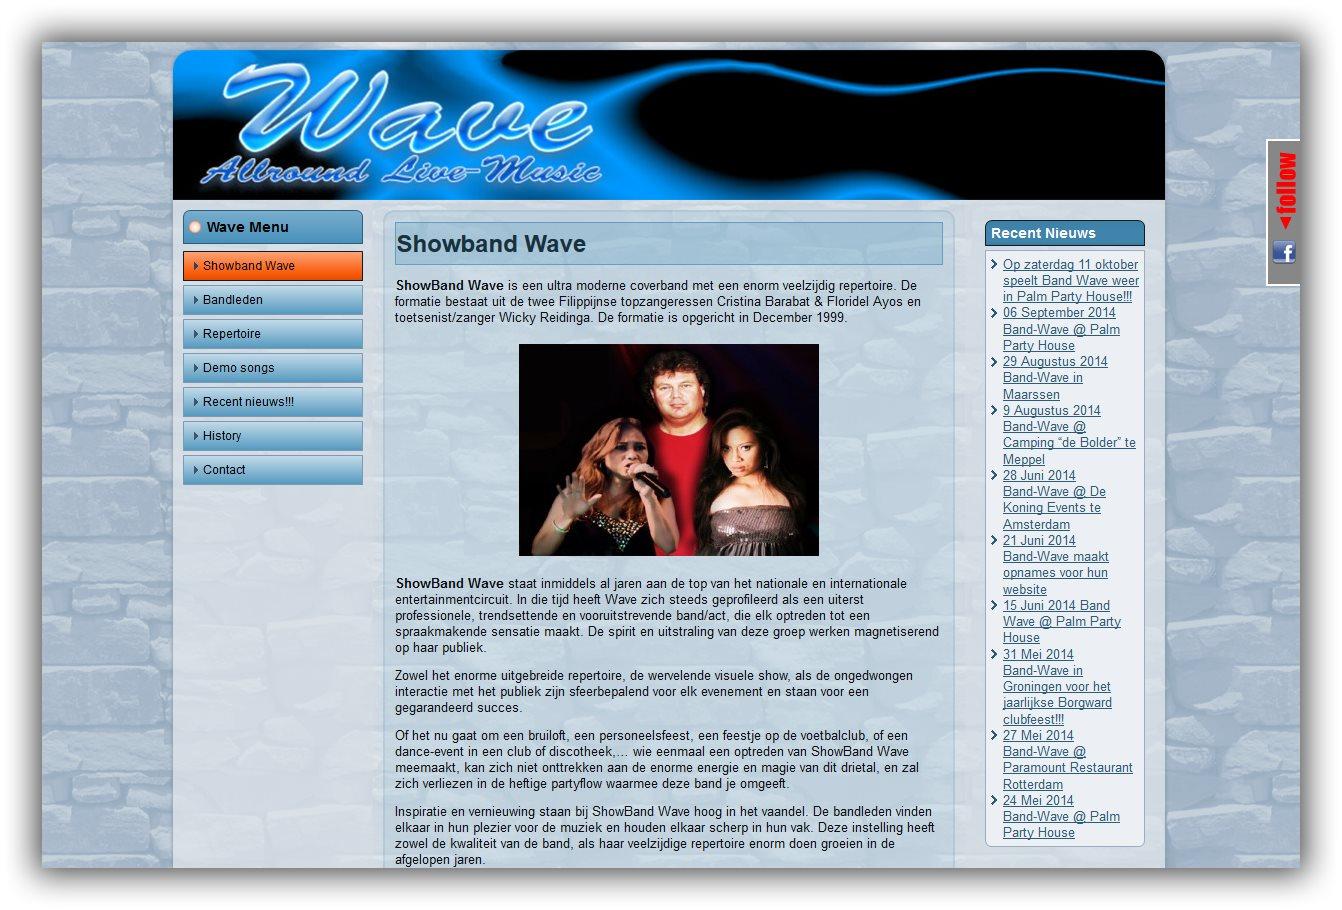 Showband Wave